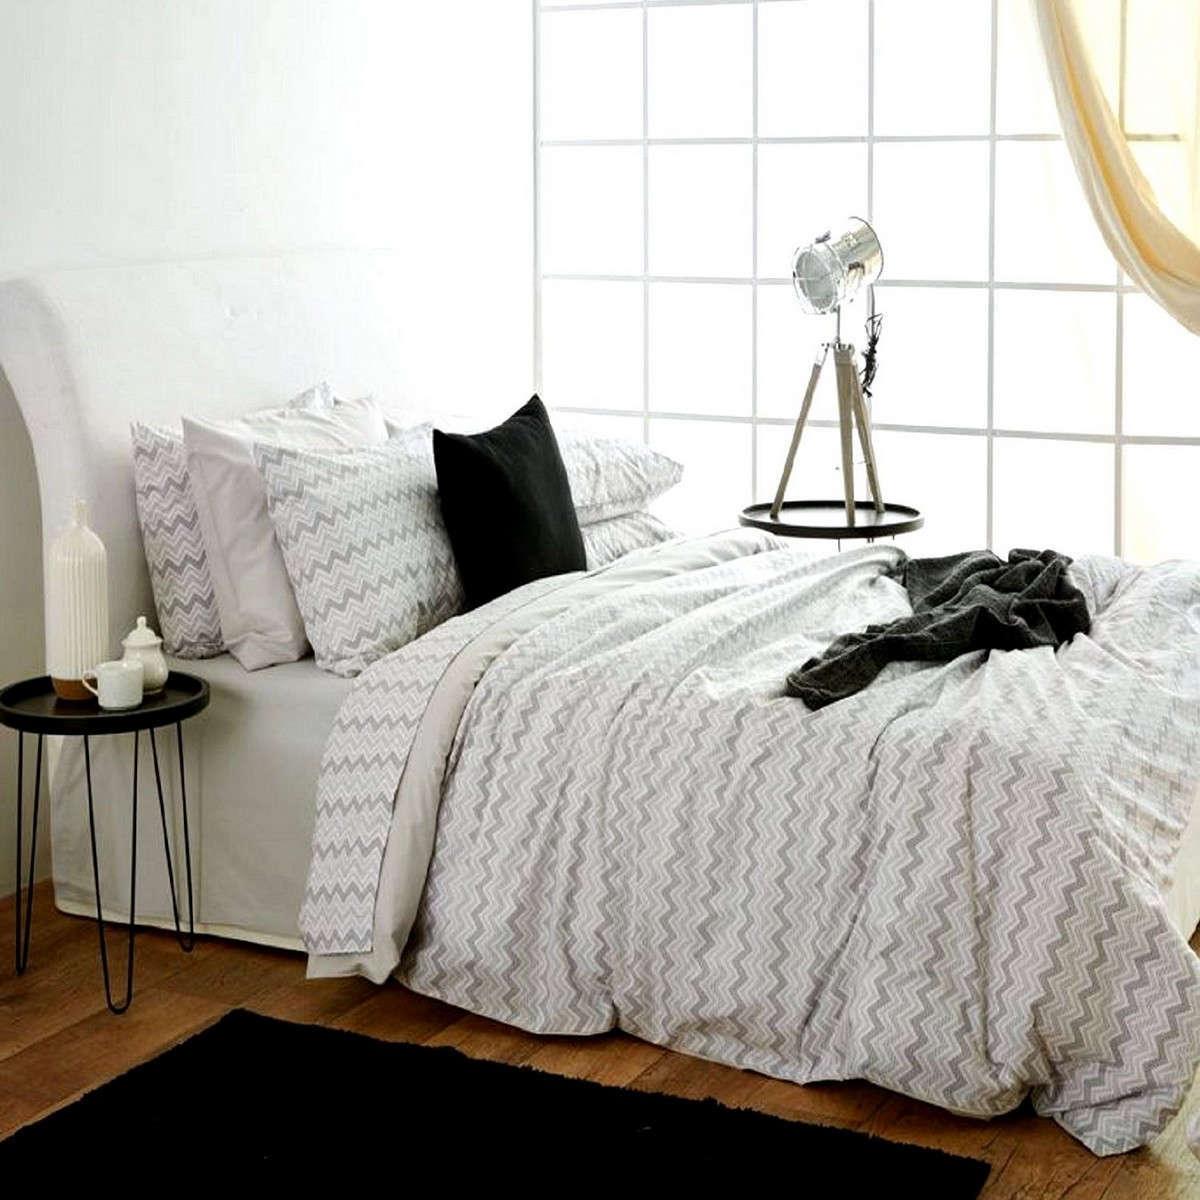 Κουβερλί Waves Grey Sb Home Υπέρδιπλo 225x240cm